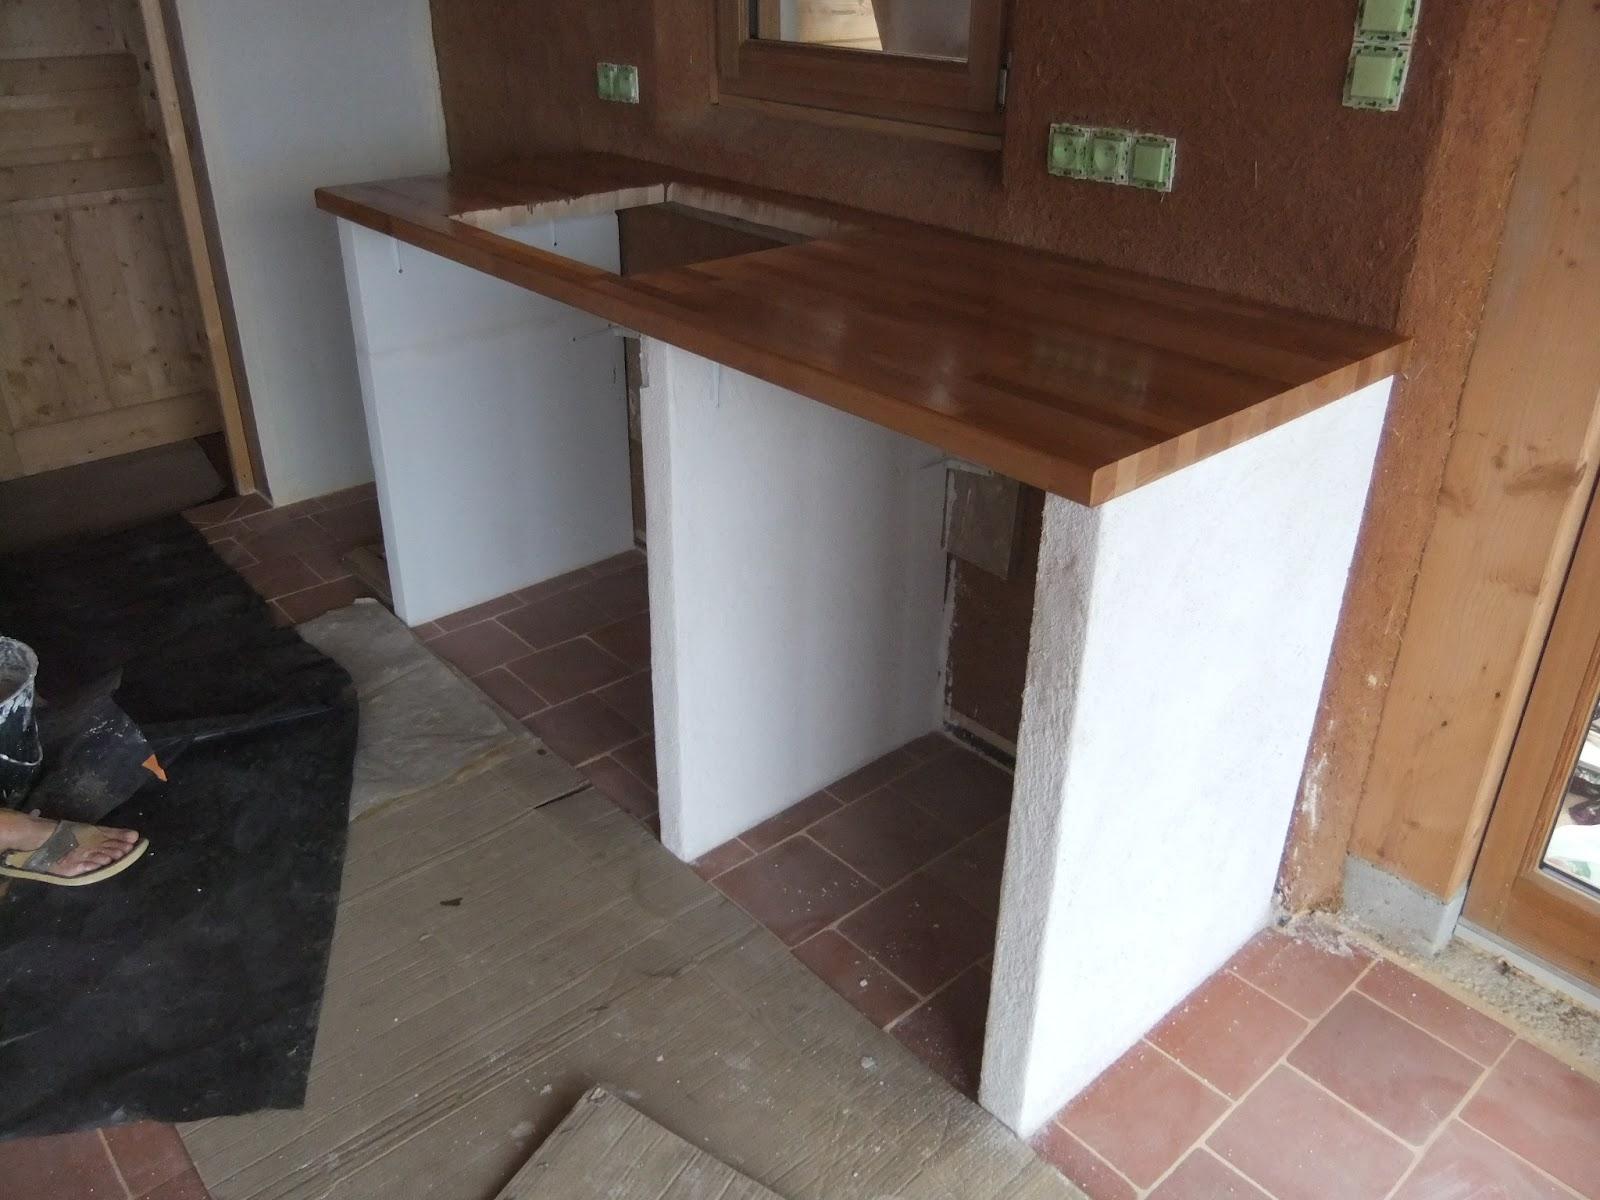 fixer plan de travail beton cellulaire livraison. Black Bedroom Furniture Sets. Home Design Ideas